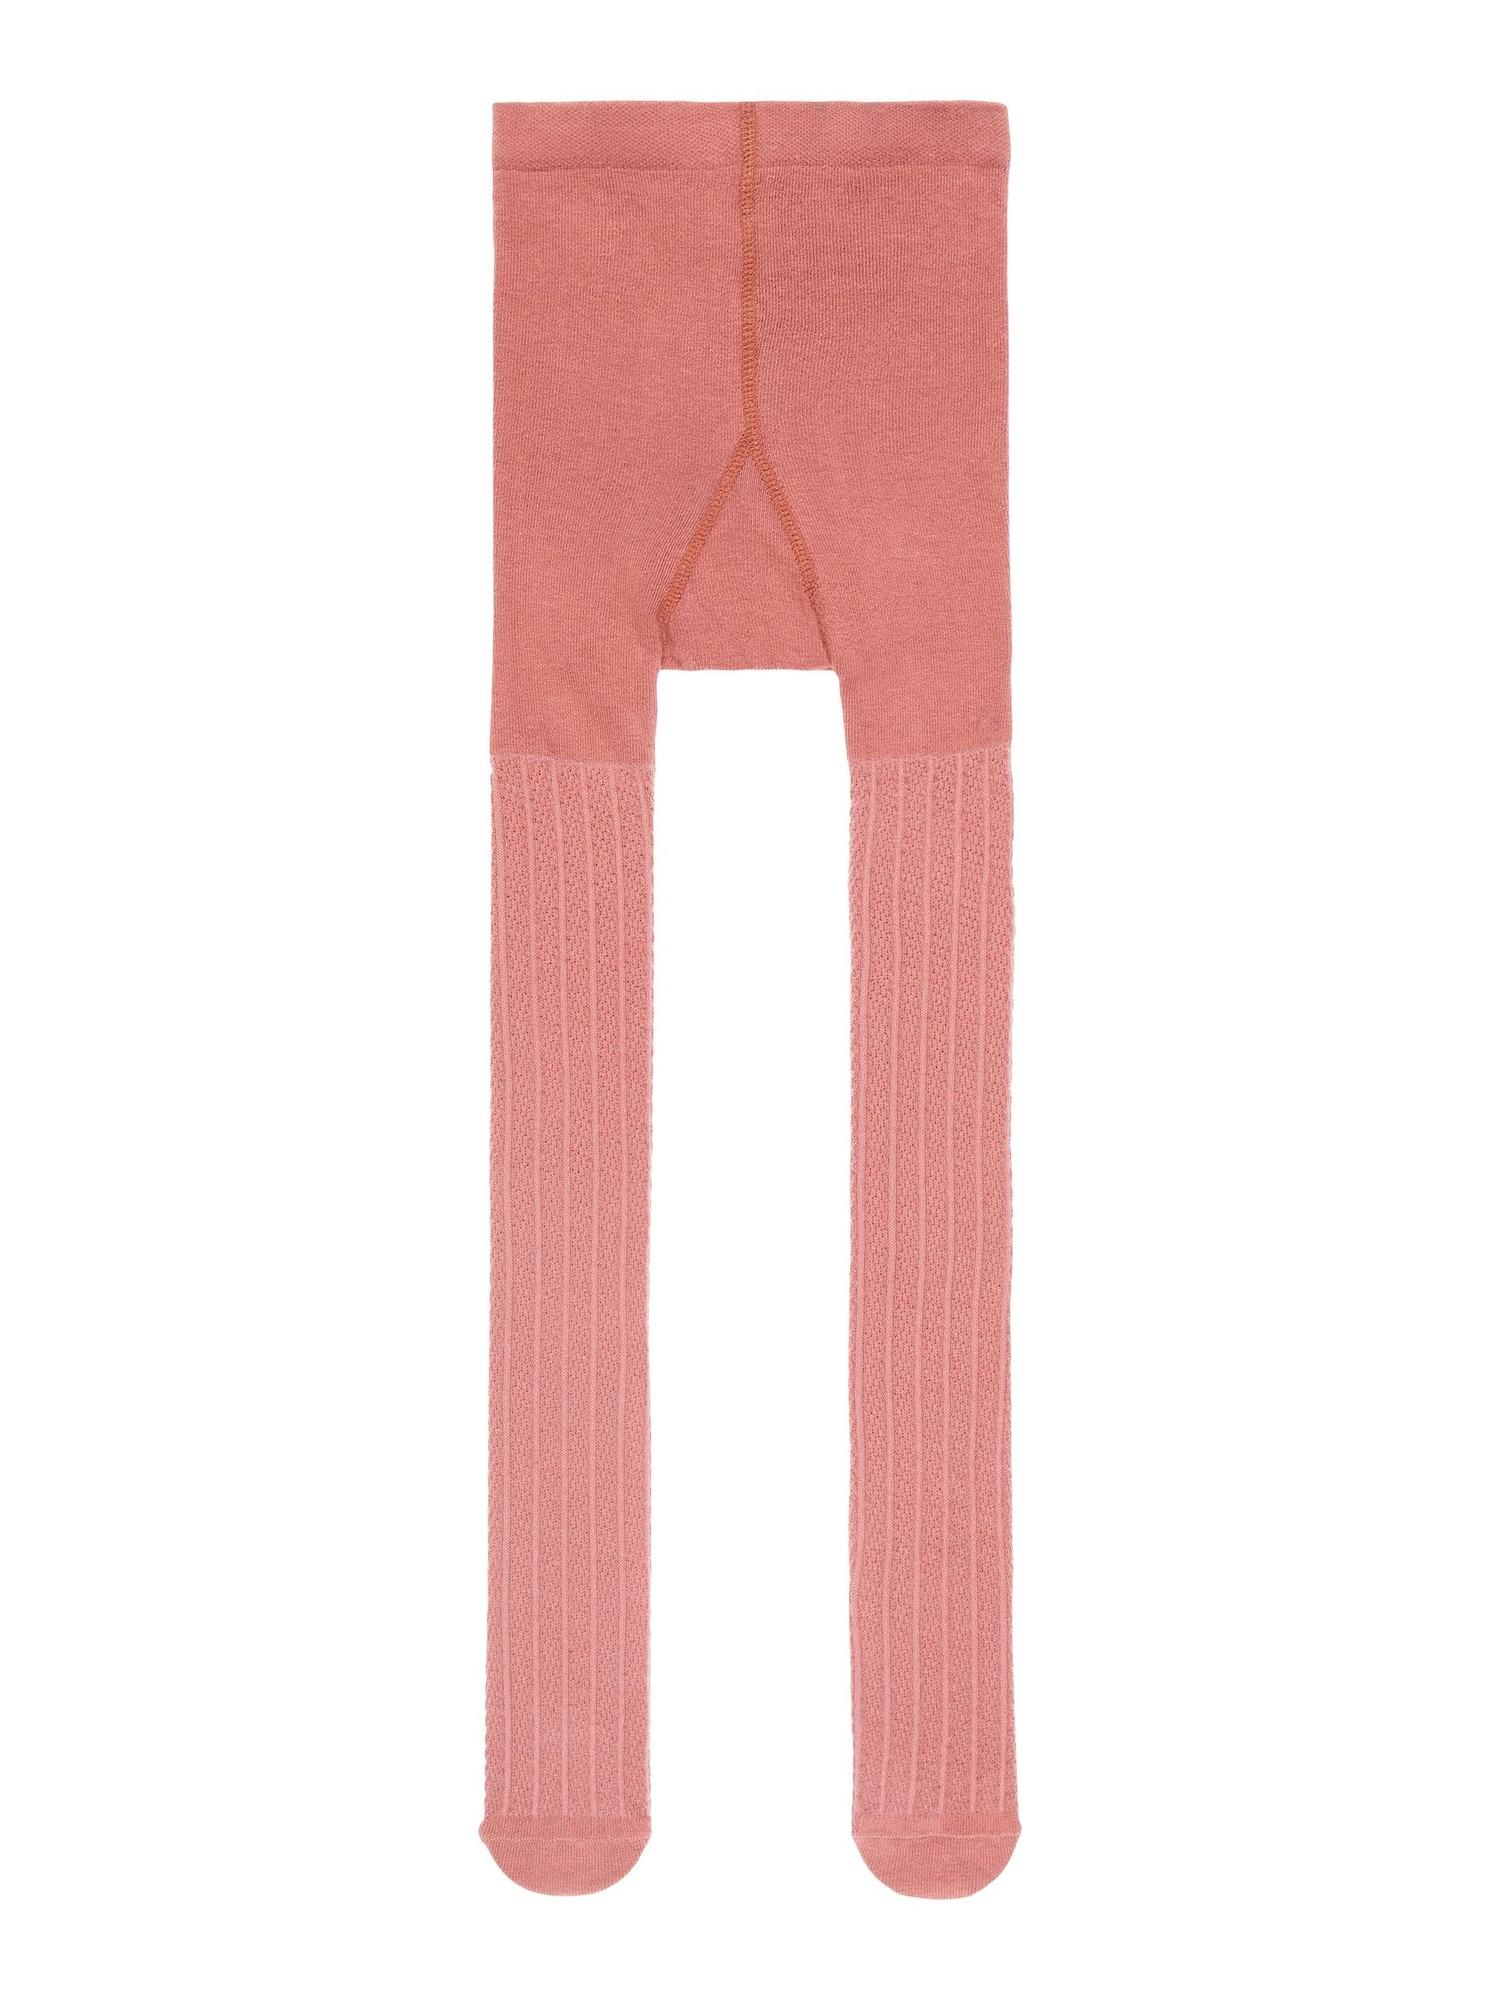 NAME IT Pėdkelnės ryškiai rožinė spalva